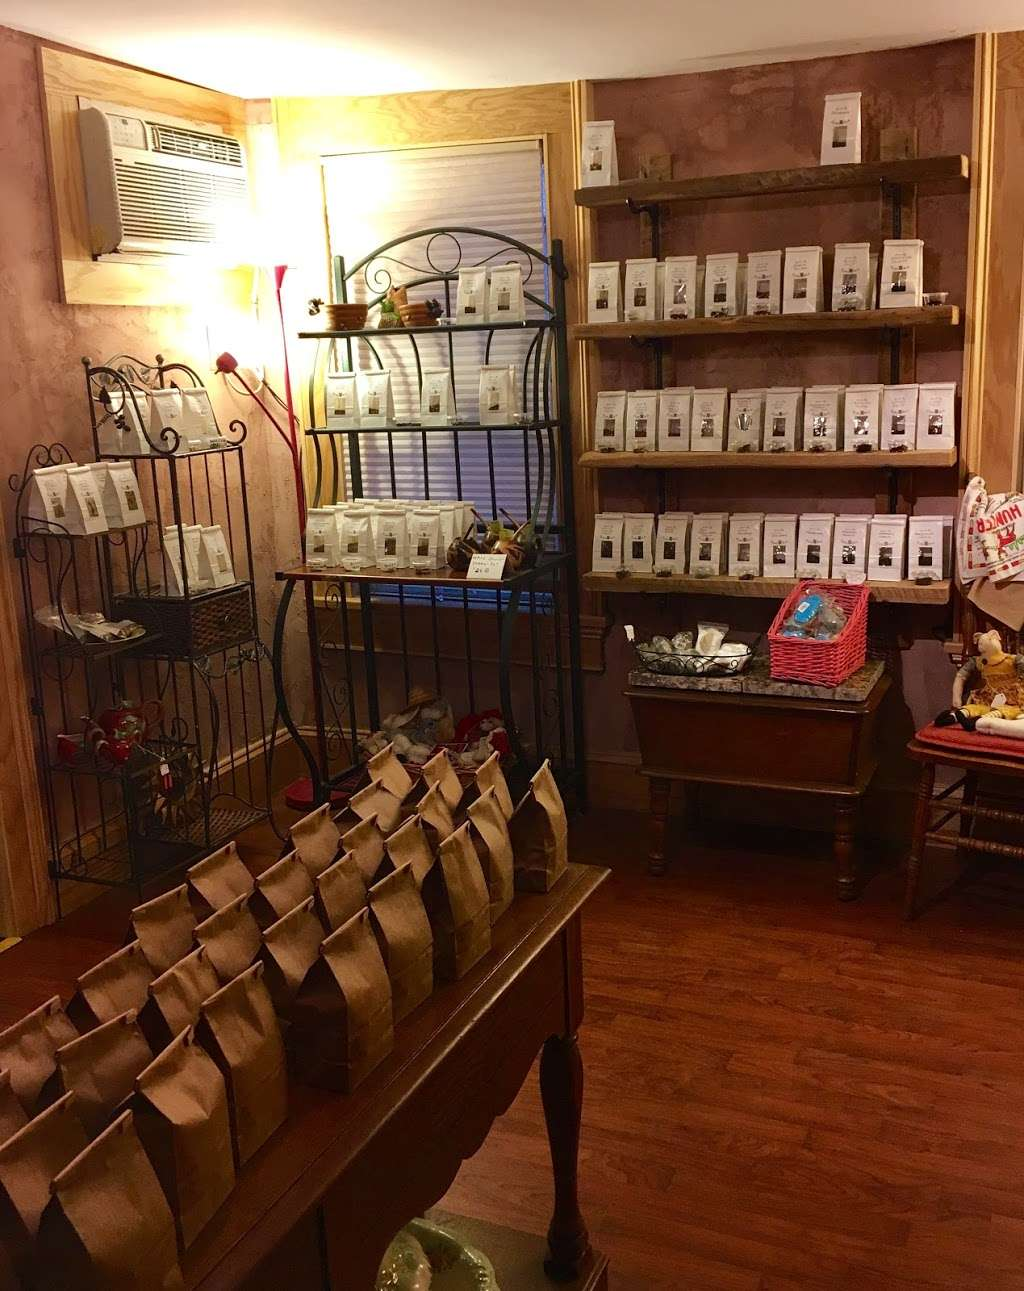 Down The Rabbit Hole - store  | Photo 1 of 4 | Address: 108 Broadway, Jim Thorpe, PA 18229, USA | Phone: (484) 767-3703